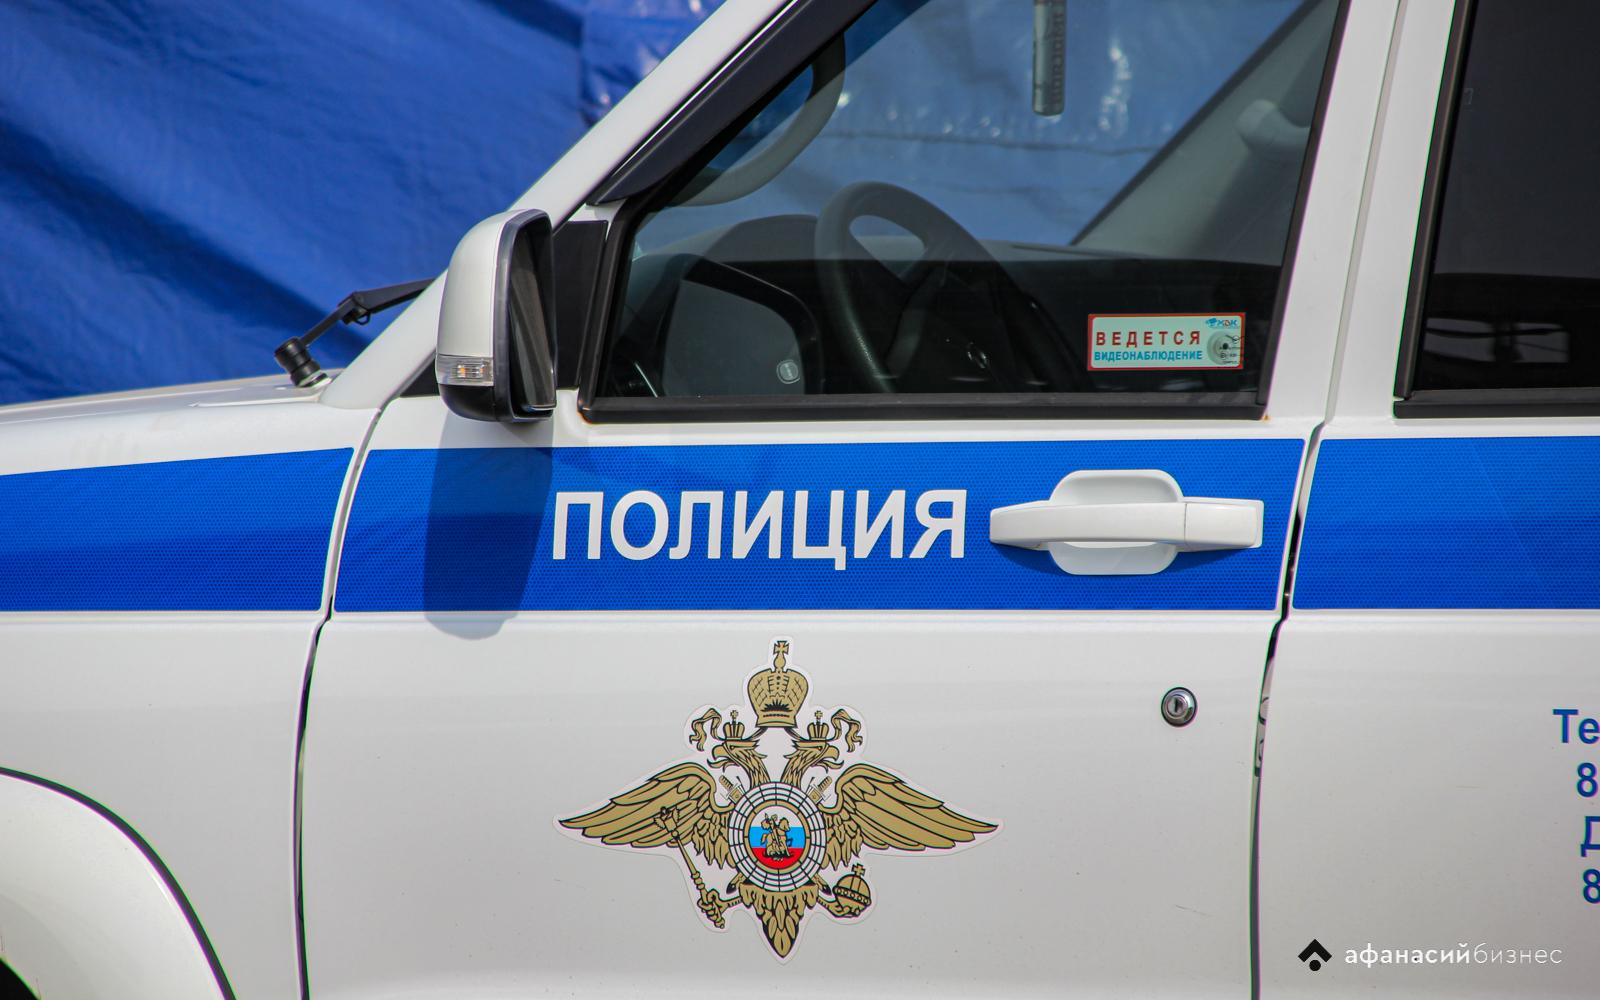 В Твери задержаны два высокопоставленных сотрудника полиции - новости Афанасий